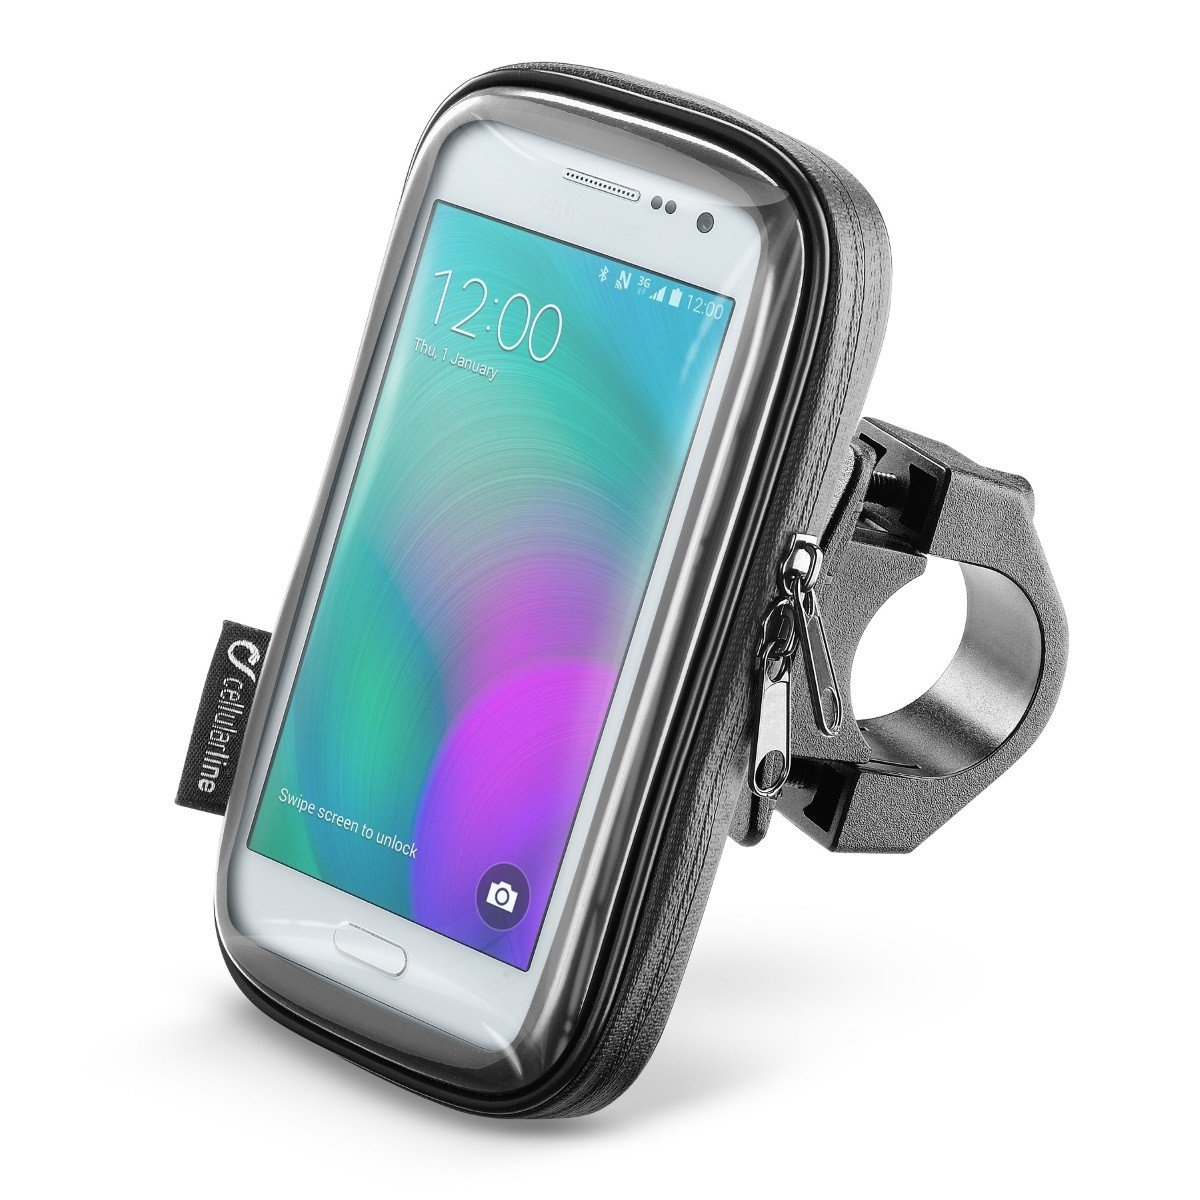 """Voděodolné pouzdro Interphone SMART pro telefony do velikosti 4.5"""" + úchyt na řídítka (černé) univerzální"""